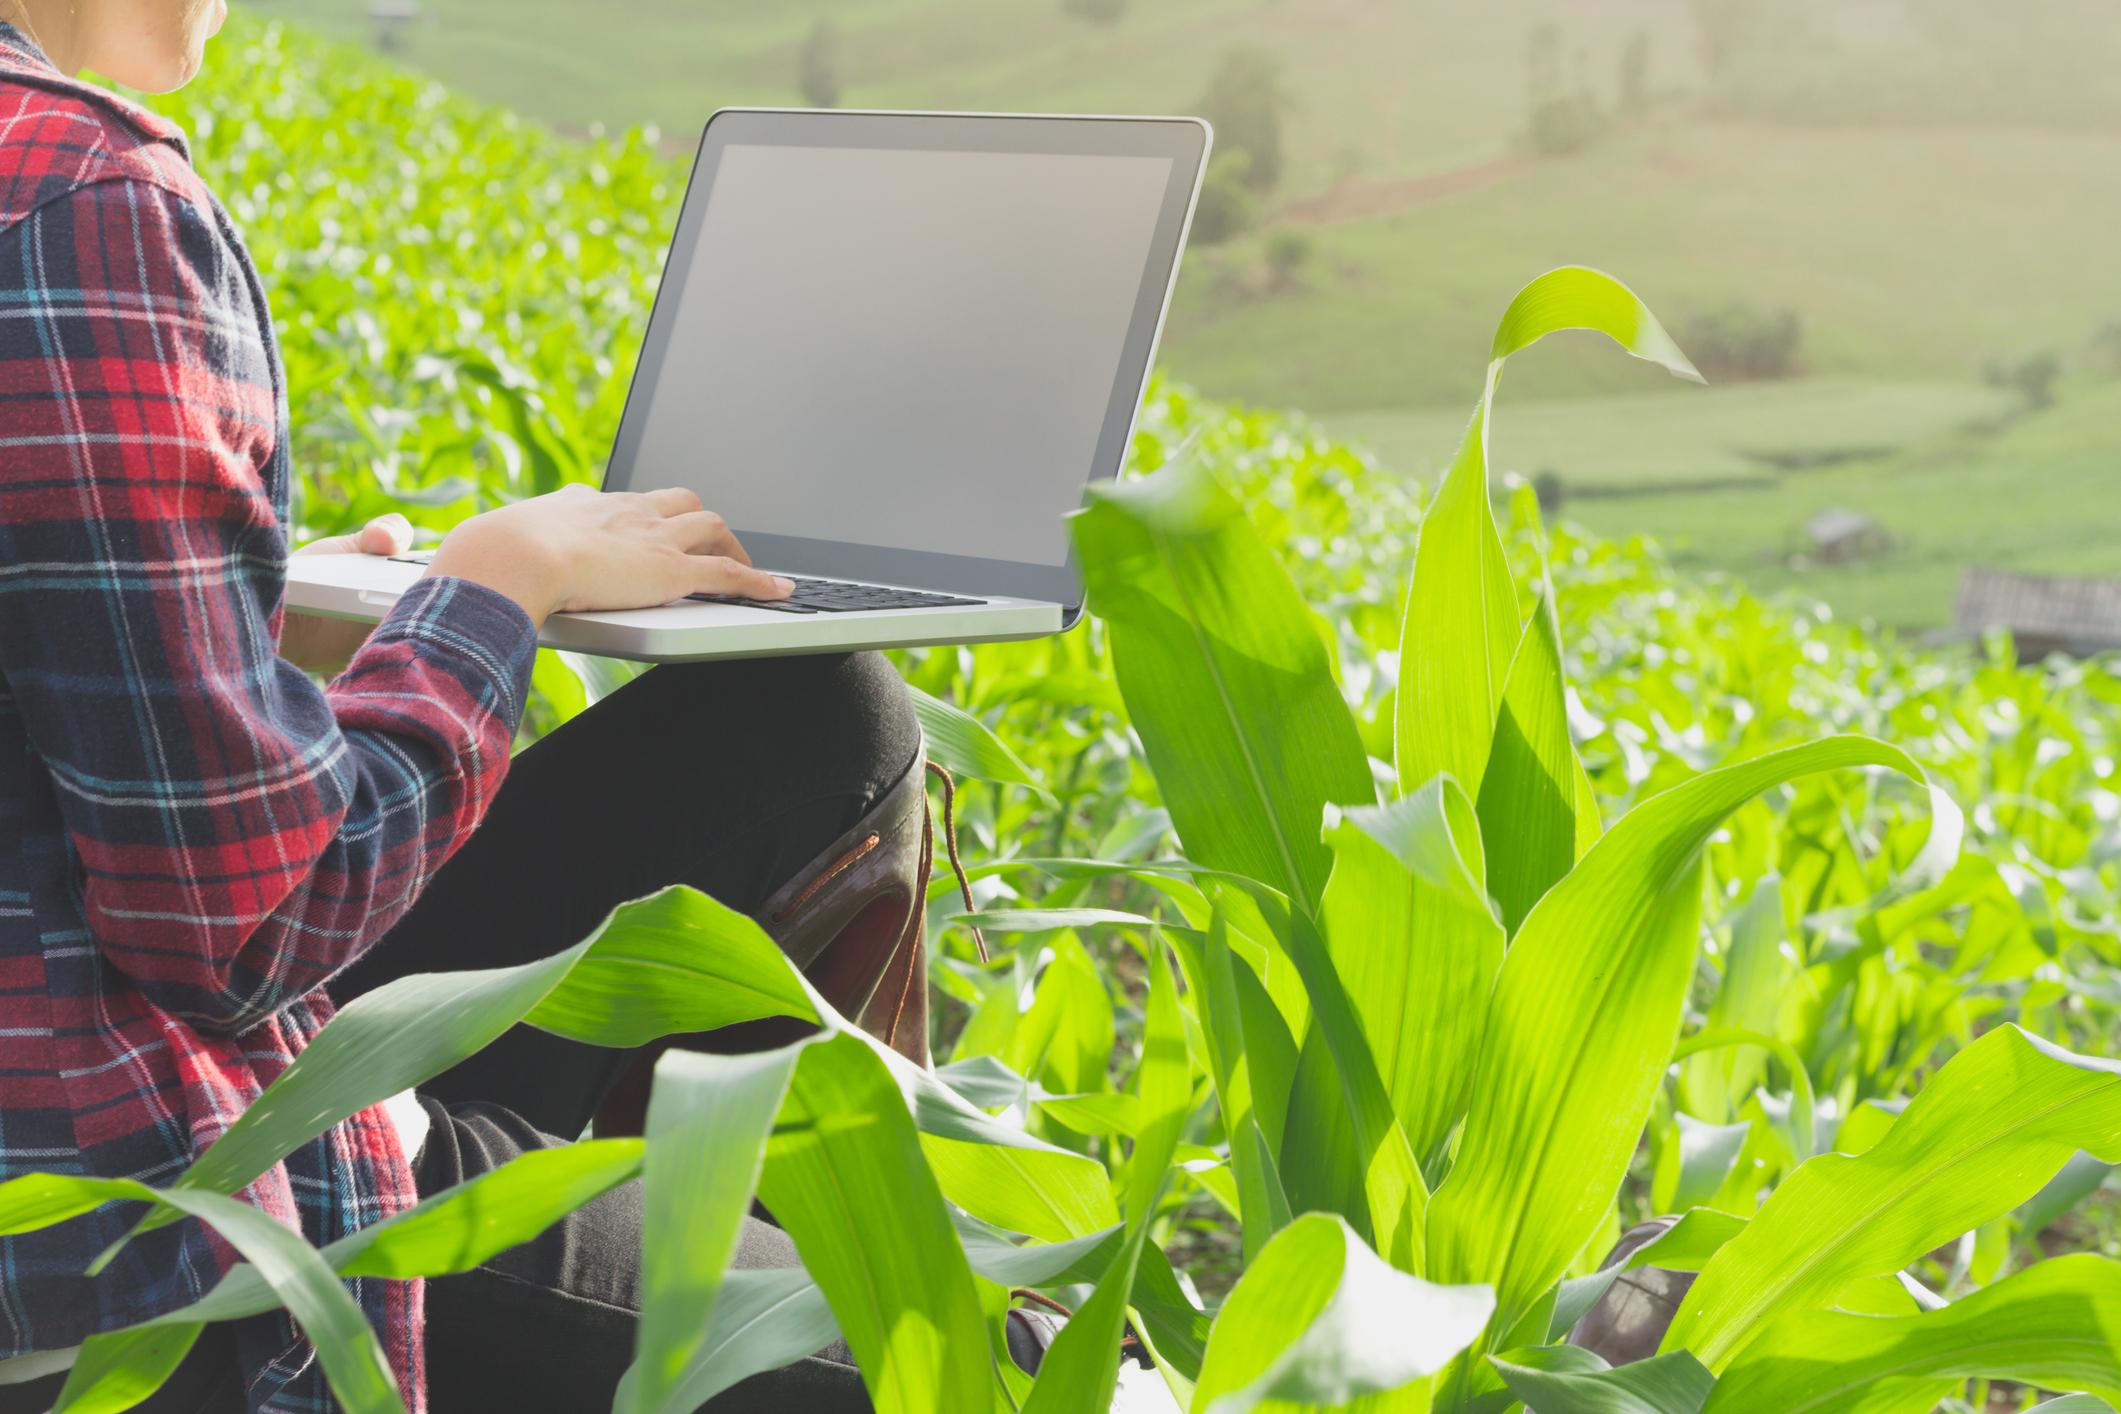 A inovação chega ao campo pelas mãos dos jovens e suas startups